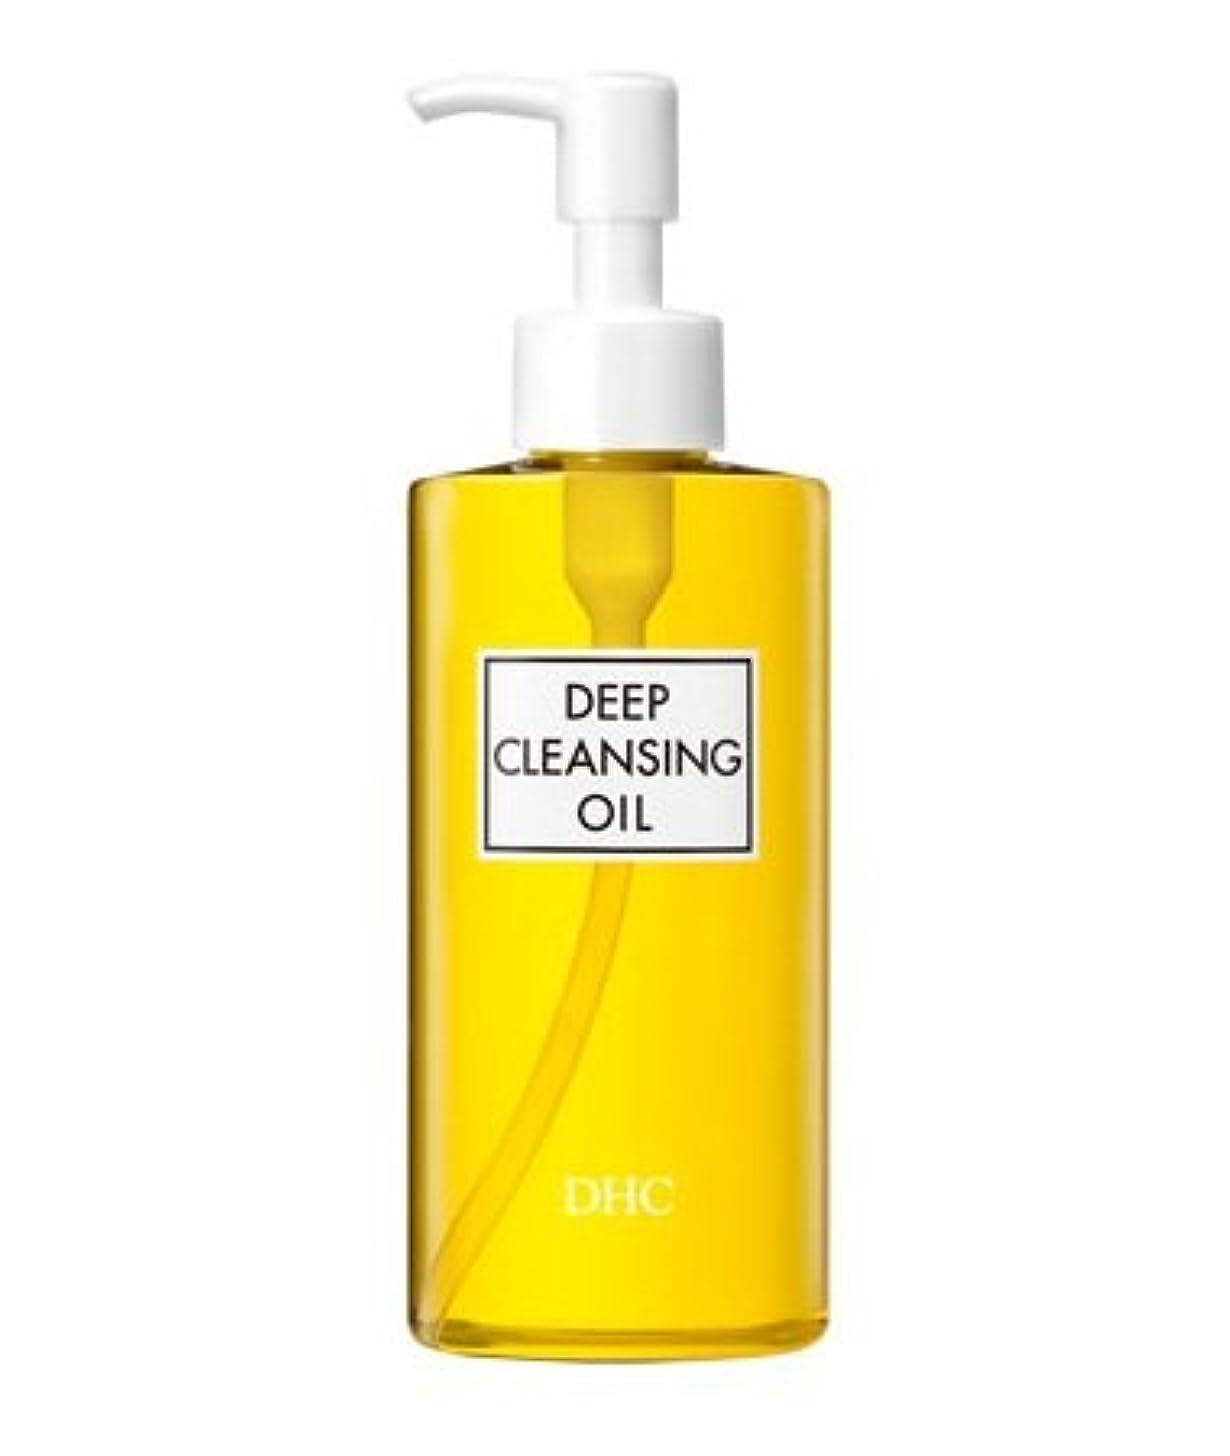 配管キロメートル推測DHC薬用ディープクレンジングオイル(L) 200ML  (並行輸入品)